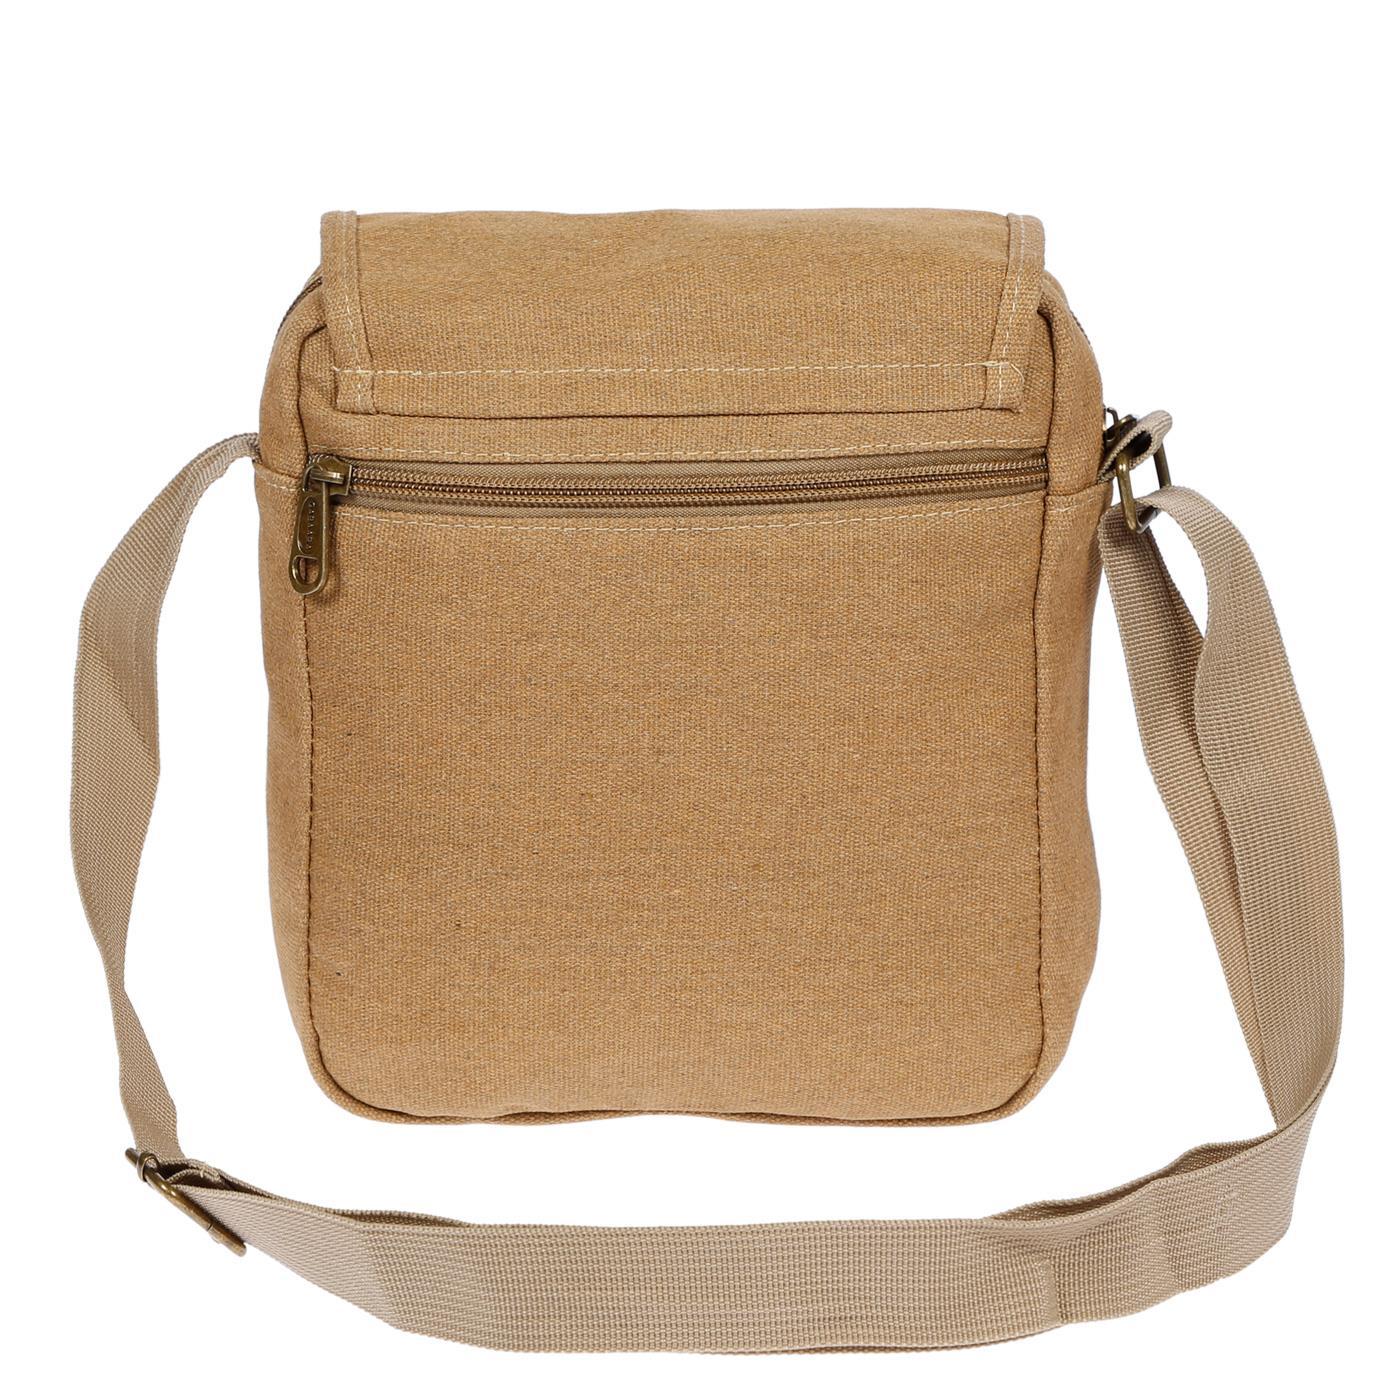 Damen-Herren-Tasche-Canvas-Umhaengetasche-Schultertasche-Crossover-Bag-Handtasche Indexbild 29